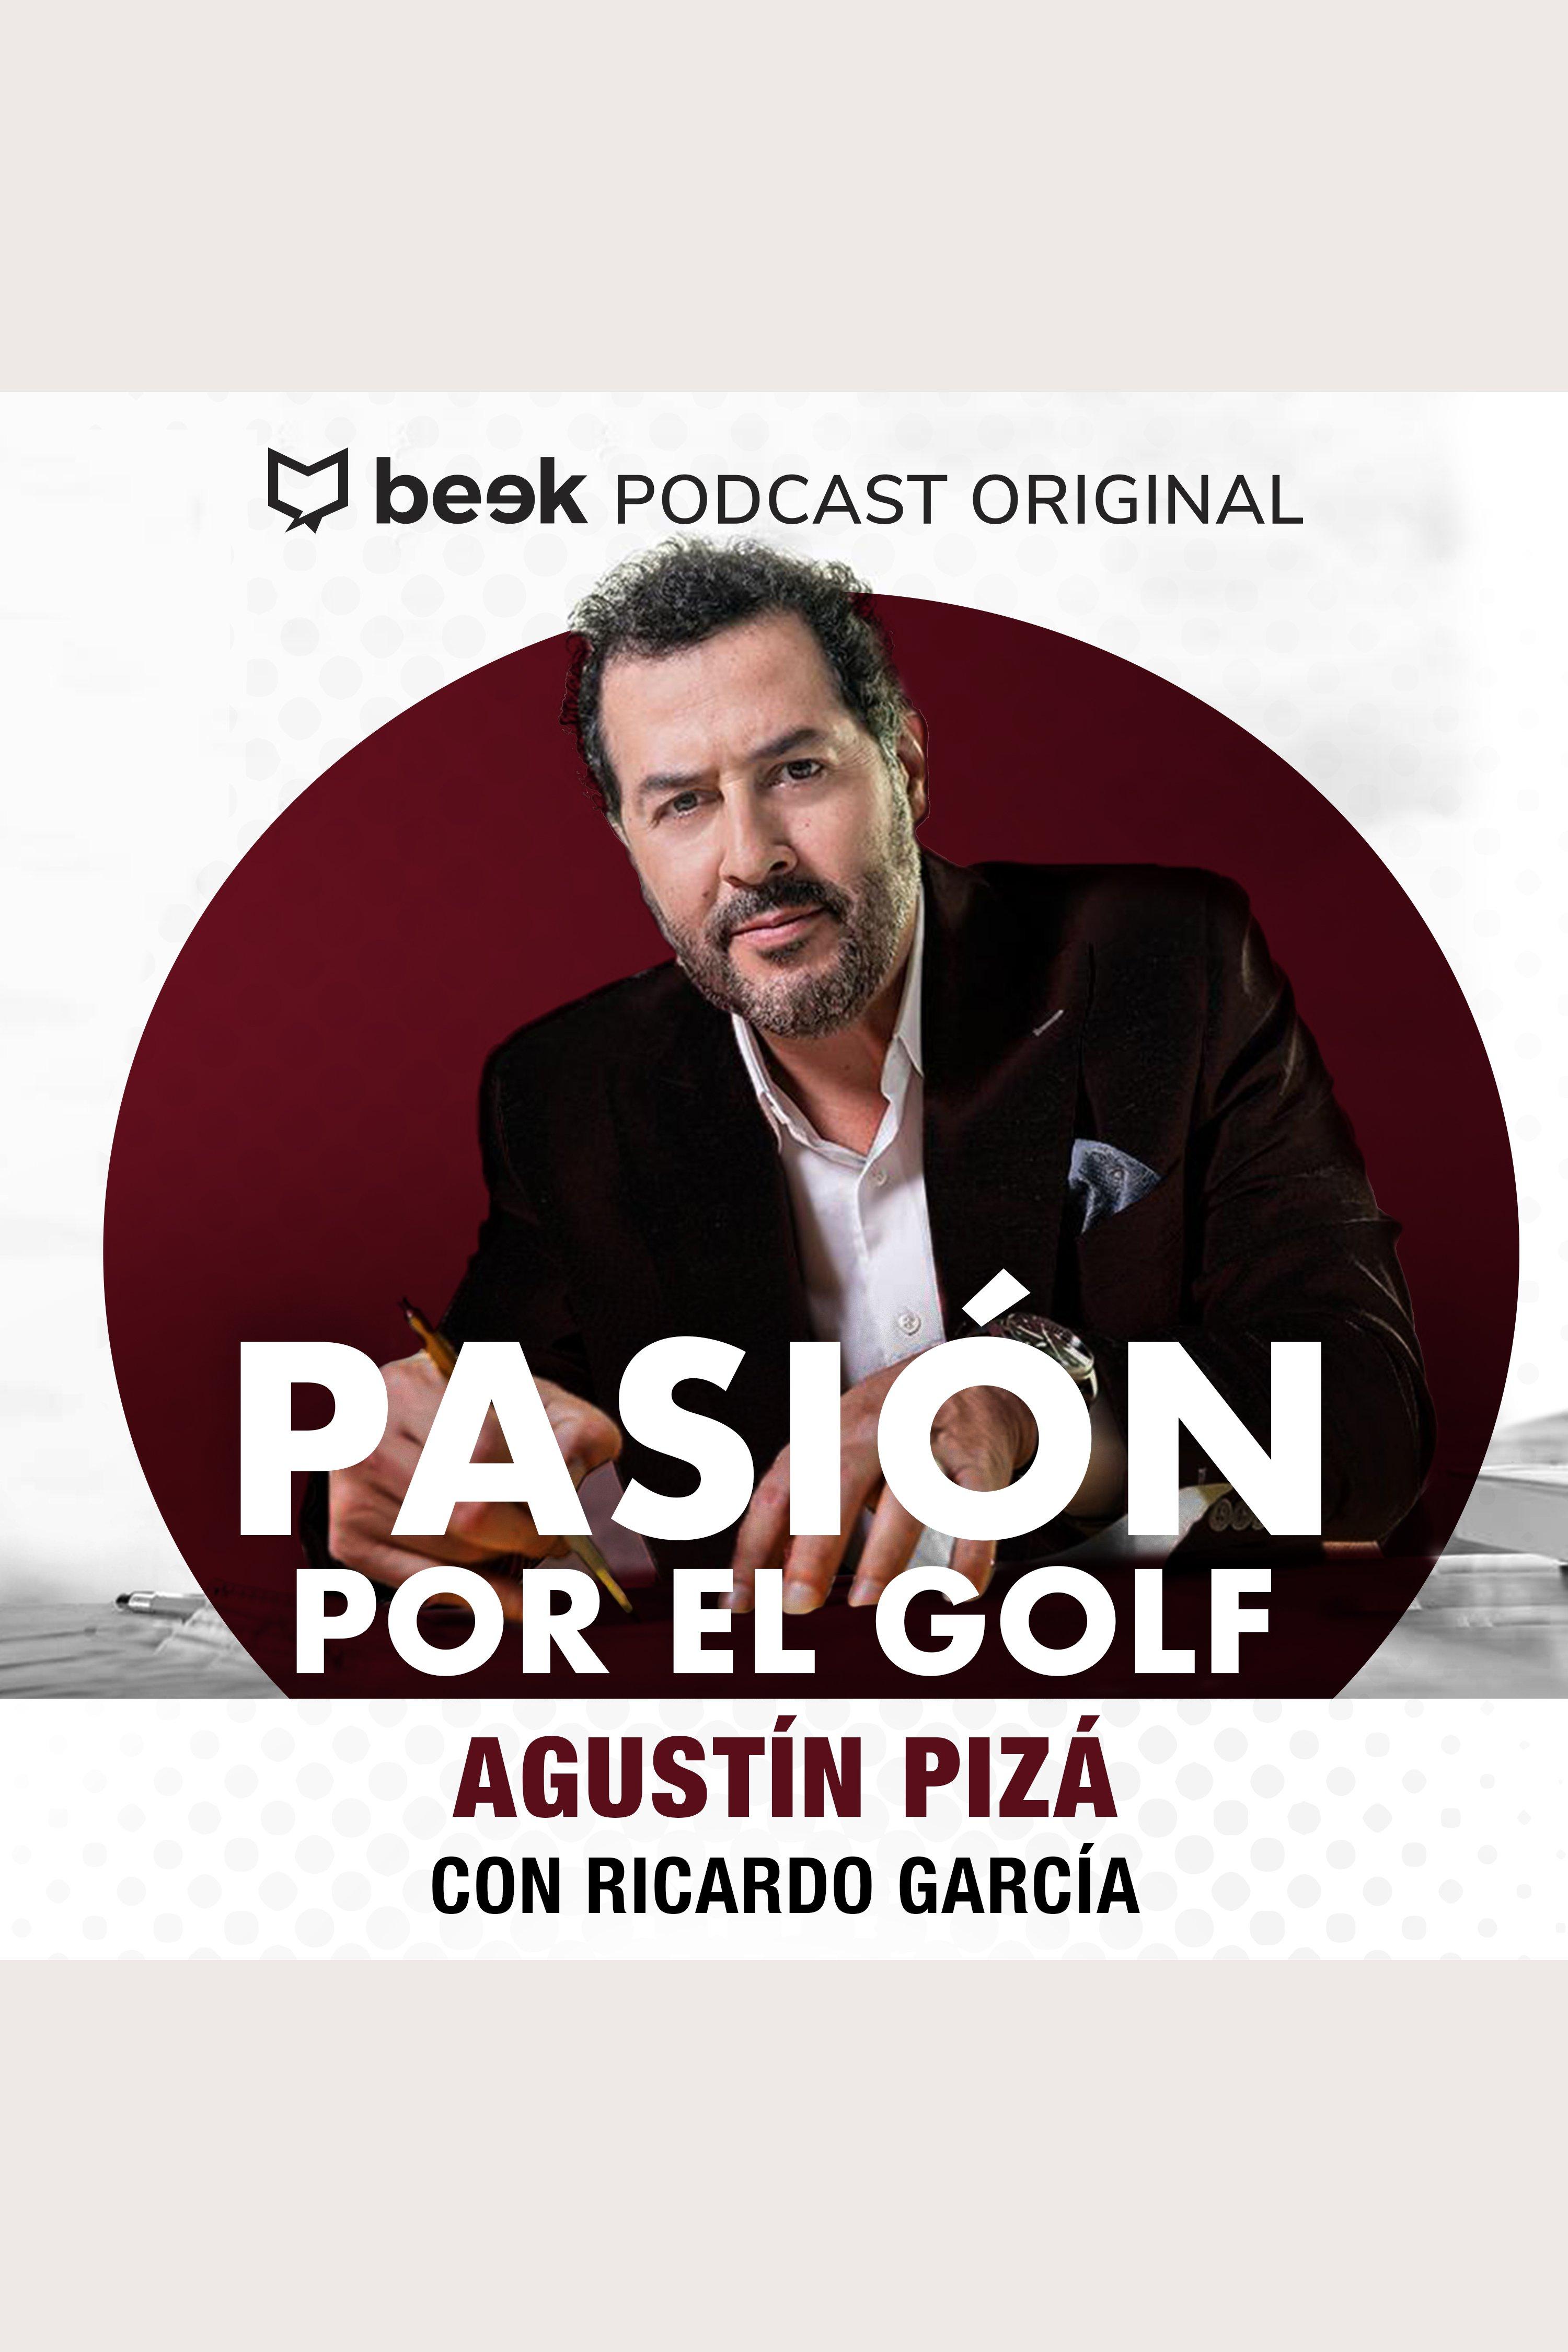 Esta es la portada del audiolibro Ricardo García